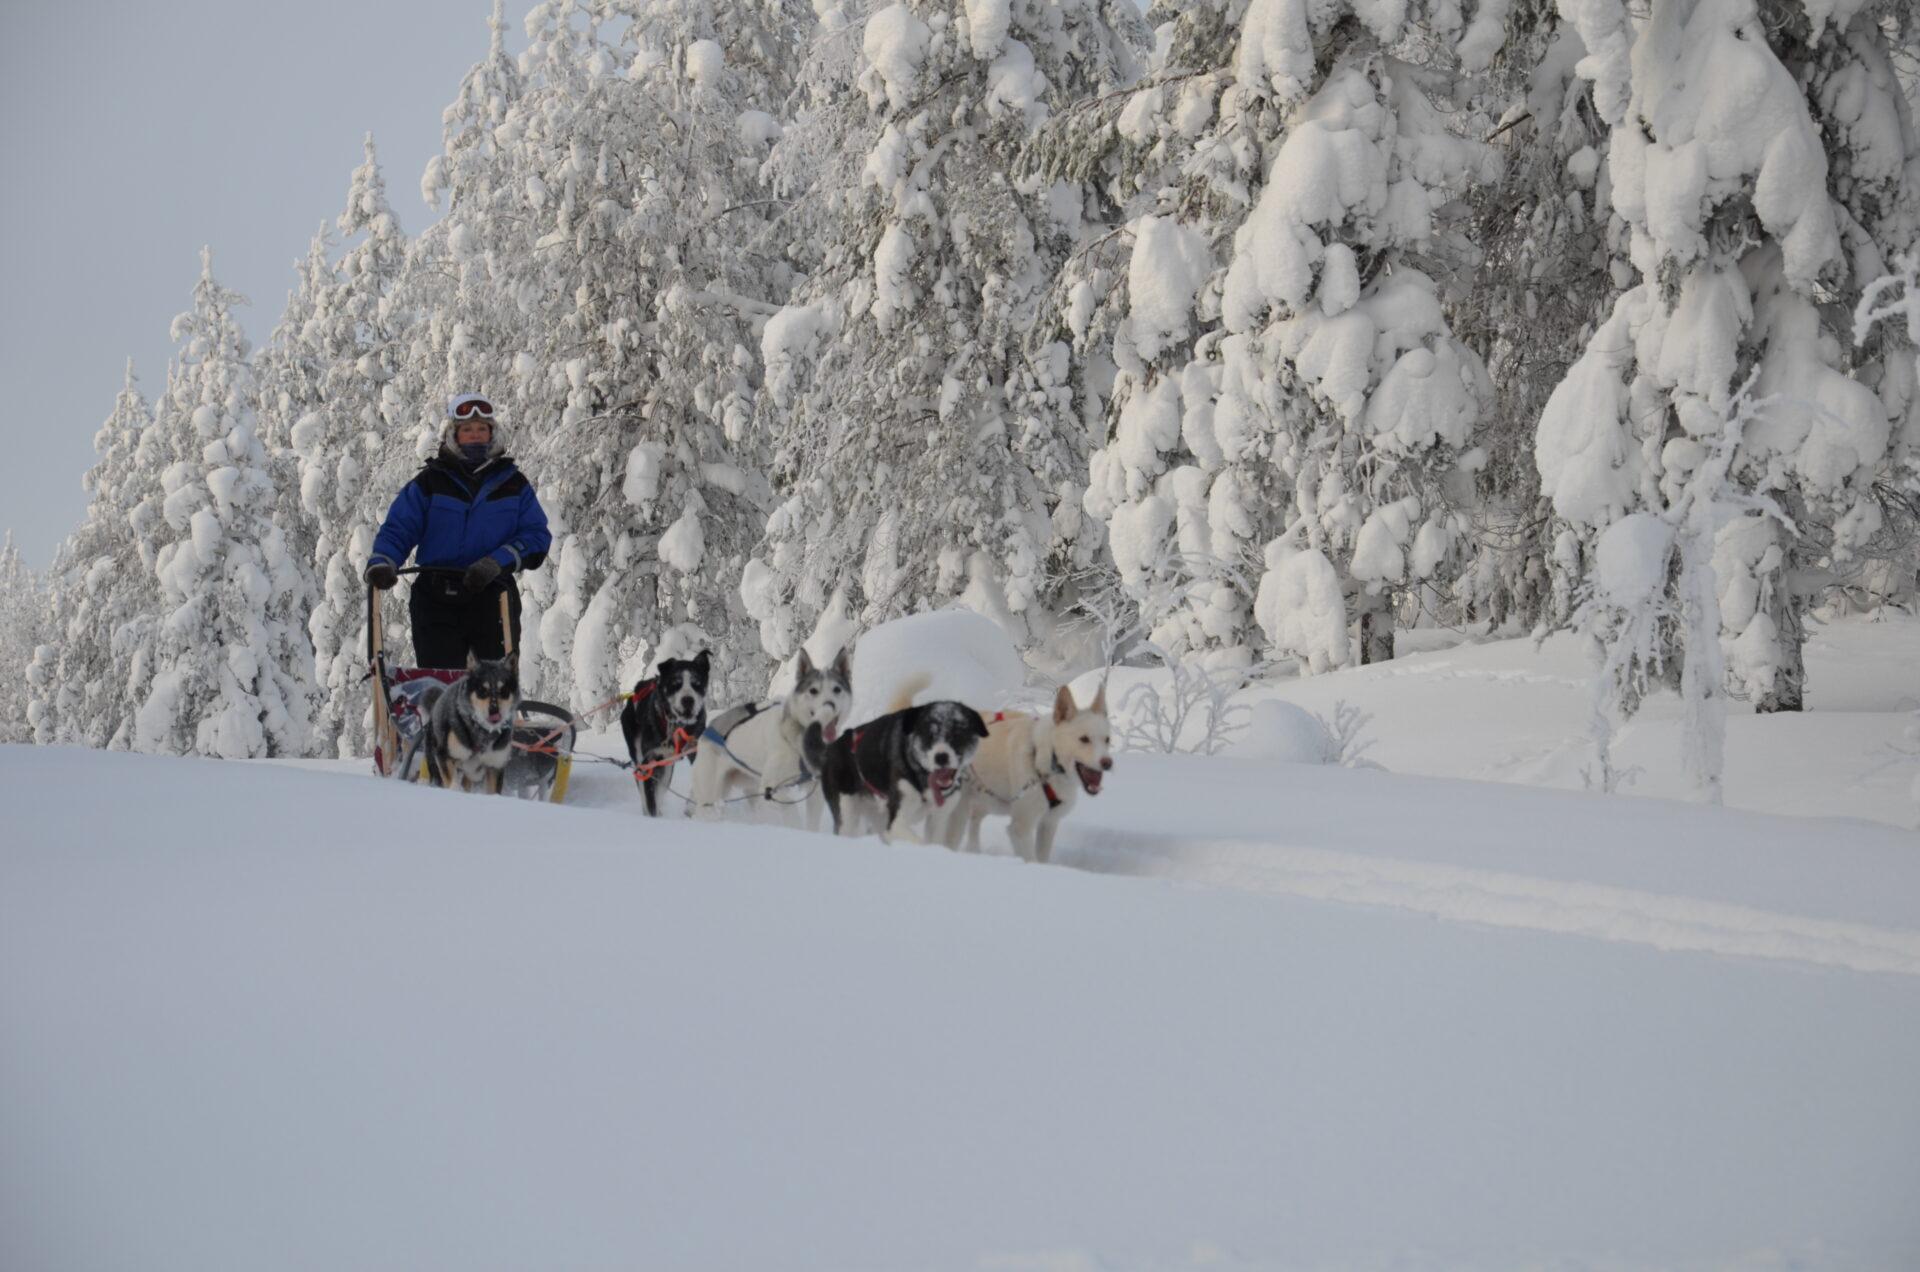 Ook in een dikke sneeuwlaag tonen de husky's hun kunnen